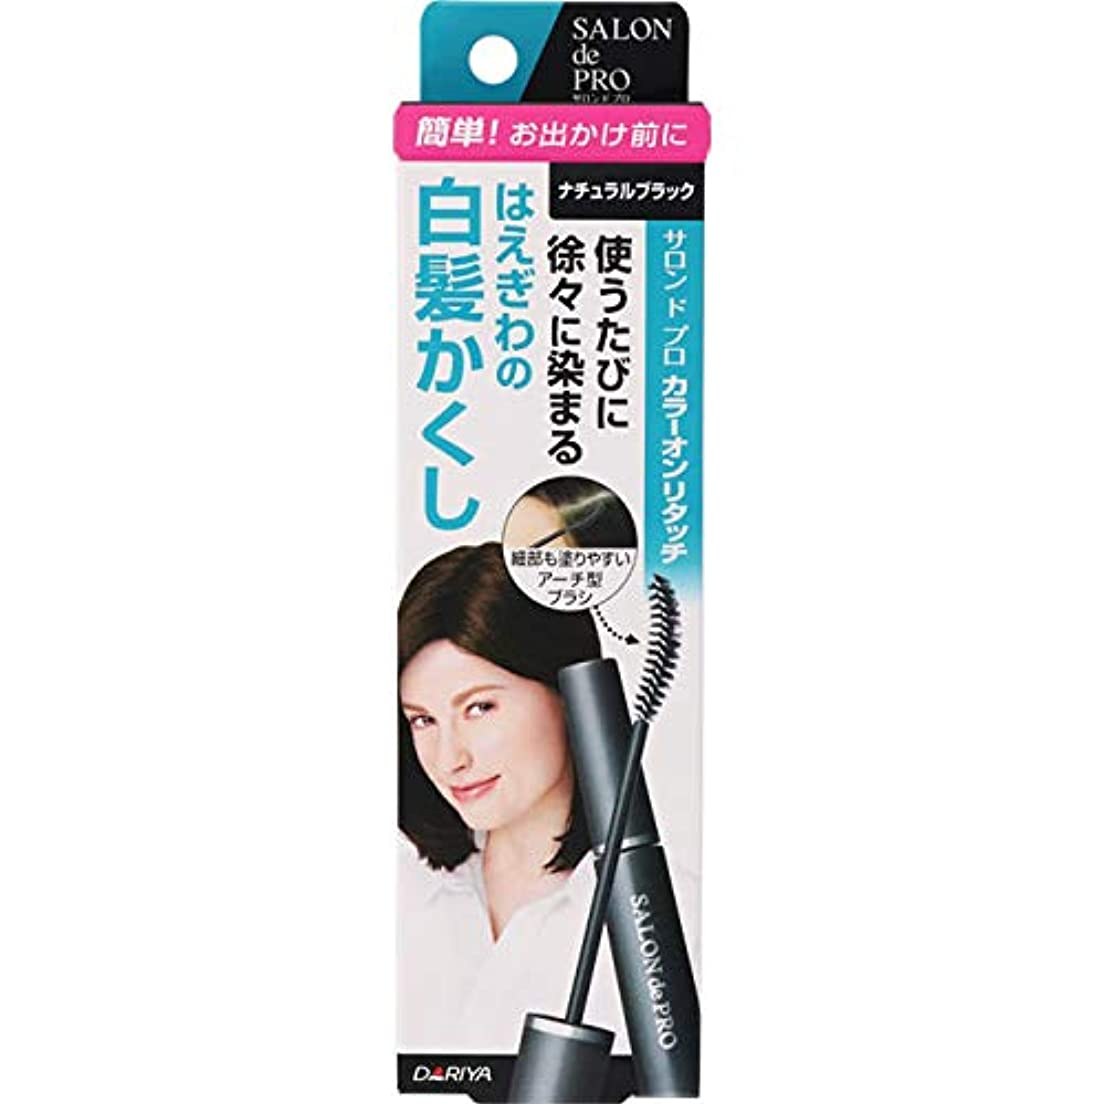 チャーミング反響する飼料サロンドプロ カラーオンリタッチ 白髪かくしEX ナチュラルブラック